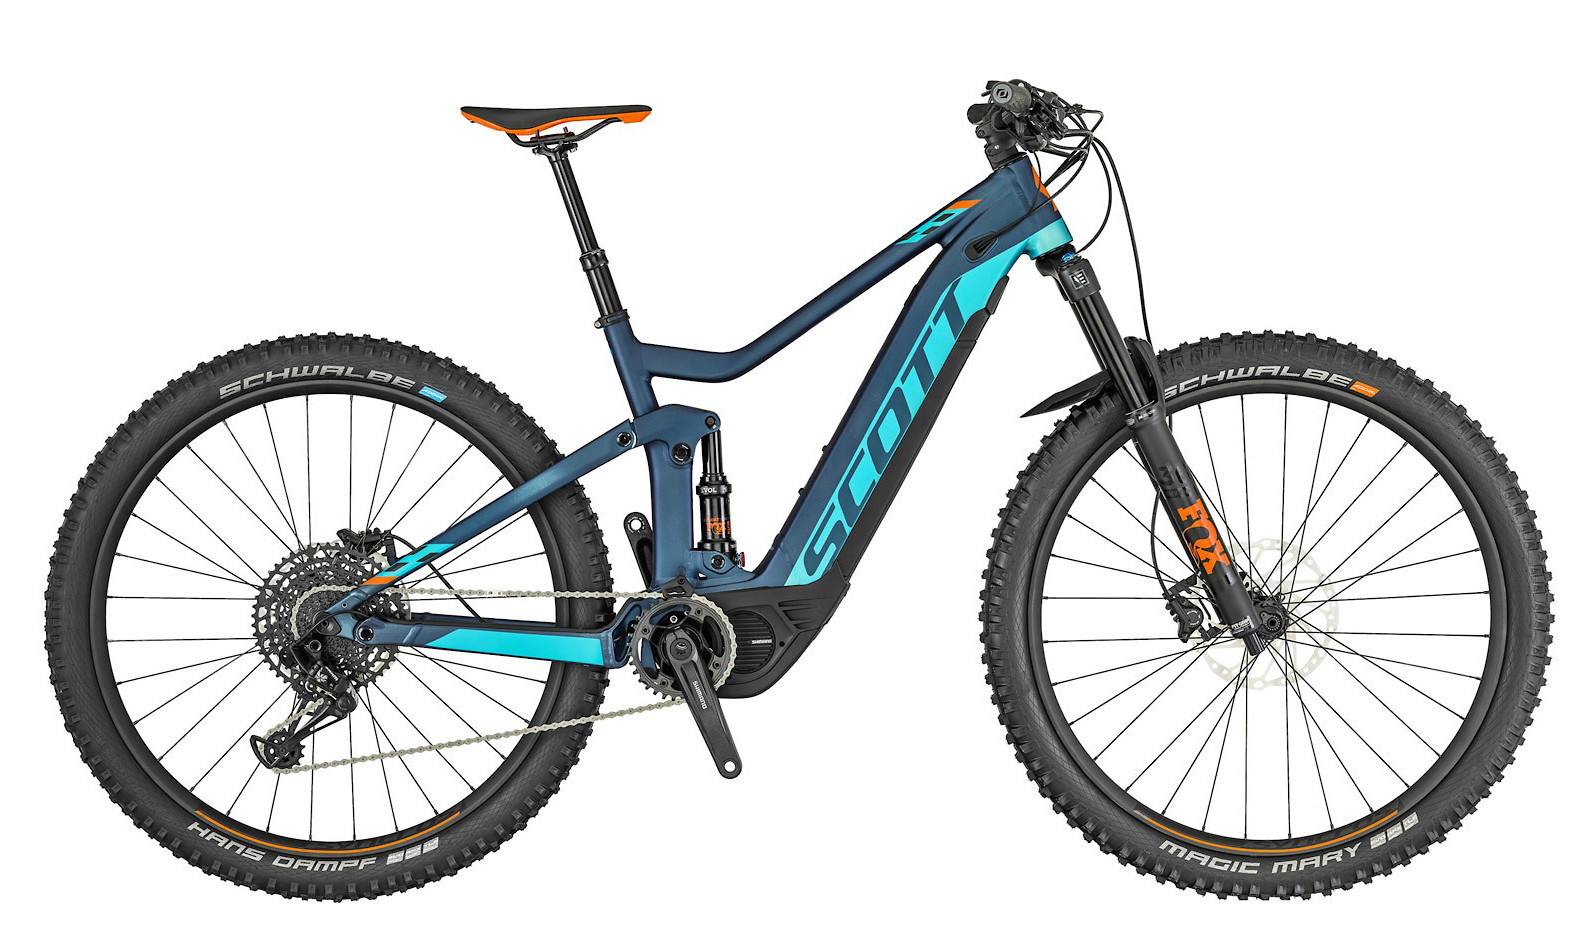 s1600_2019_Scott_Genius_eRide_920_E_Bike